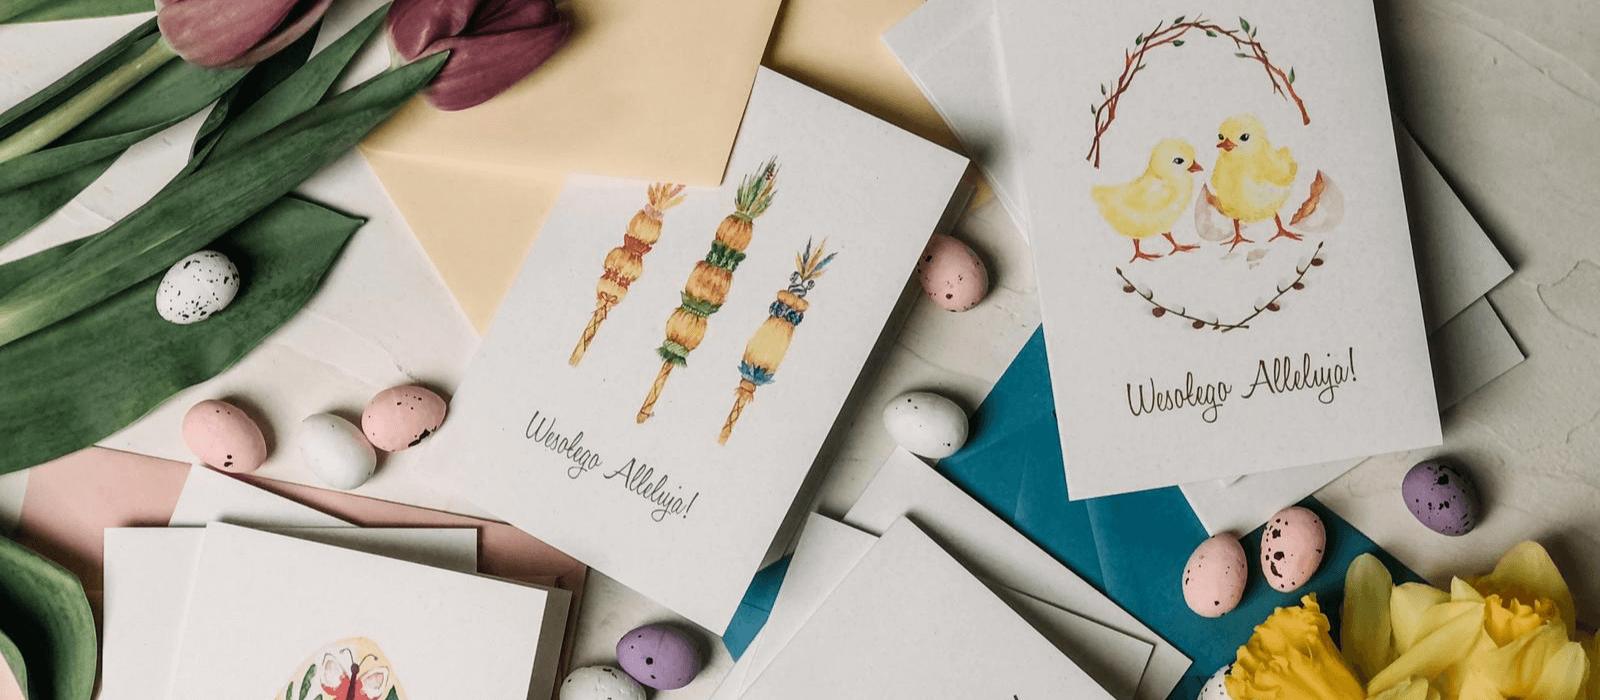 Kartki na Wielkanoc 2021 _ Design Your Wedding